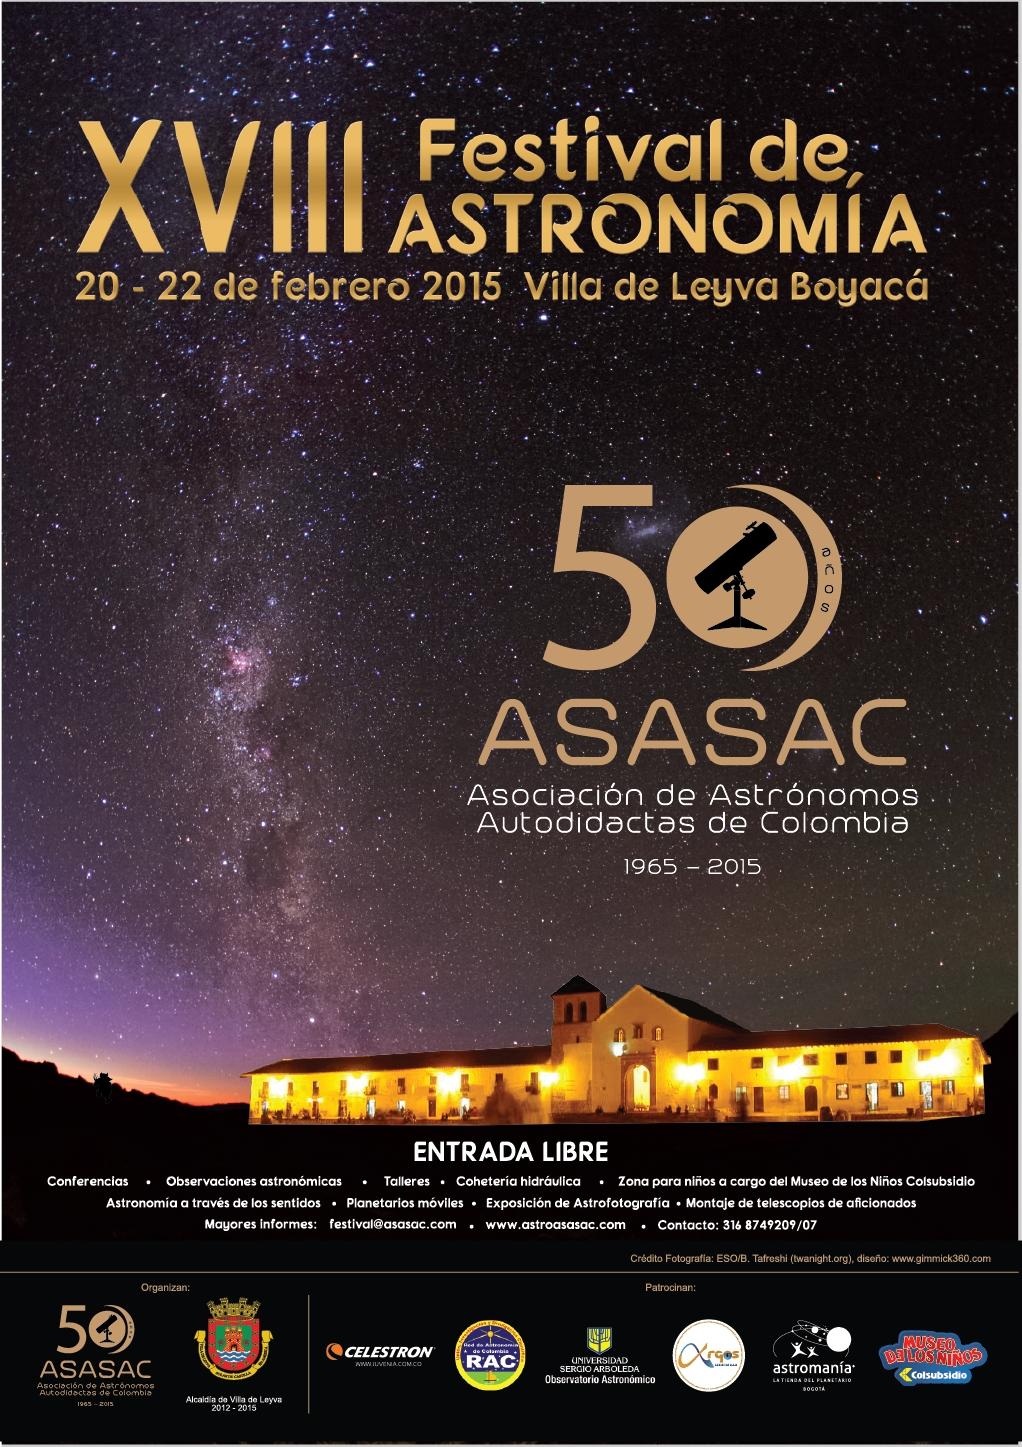 XIII Festival de Astronomía de Villa de Leyva